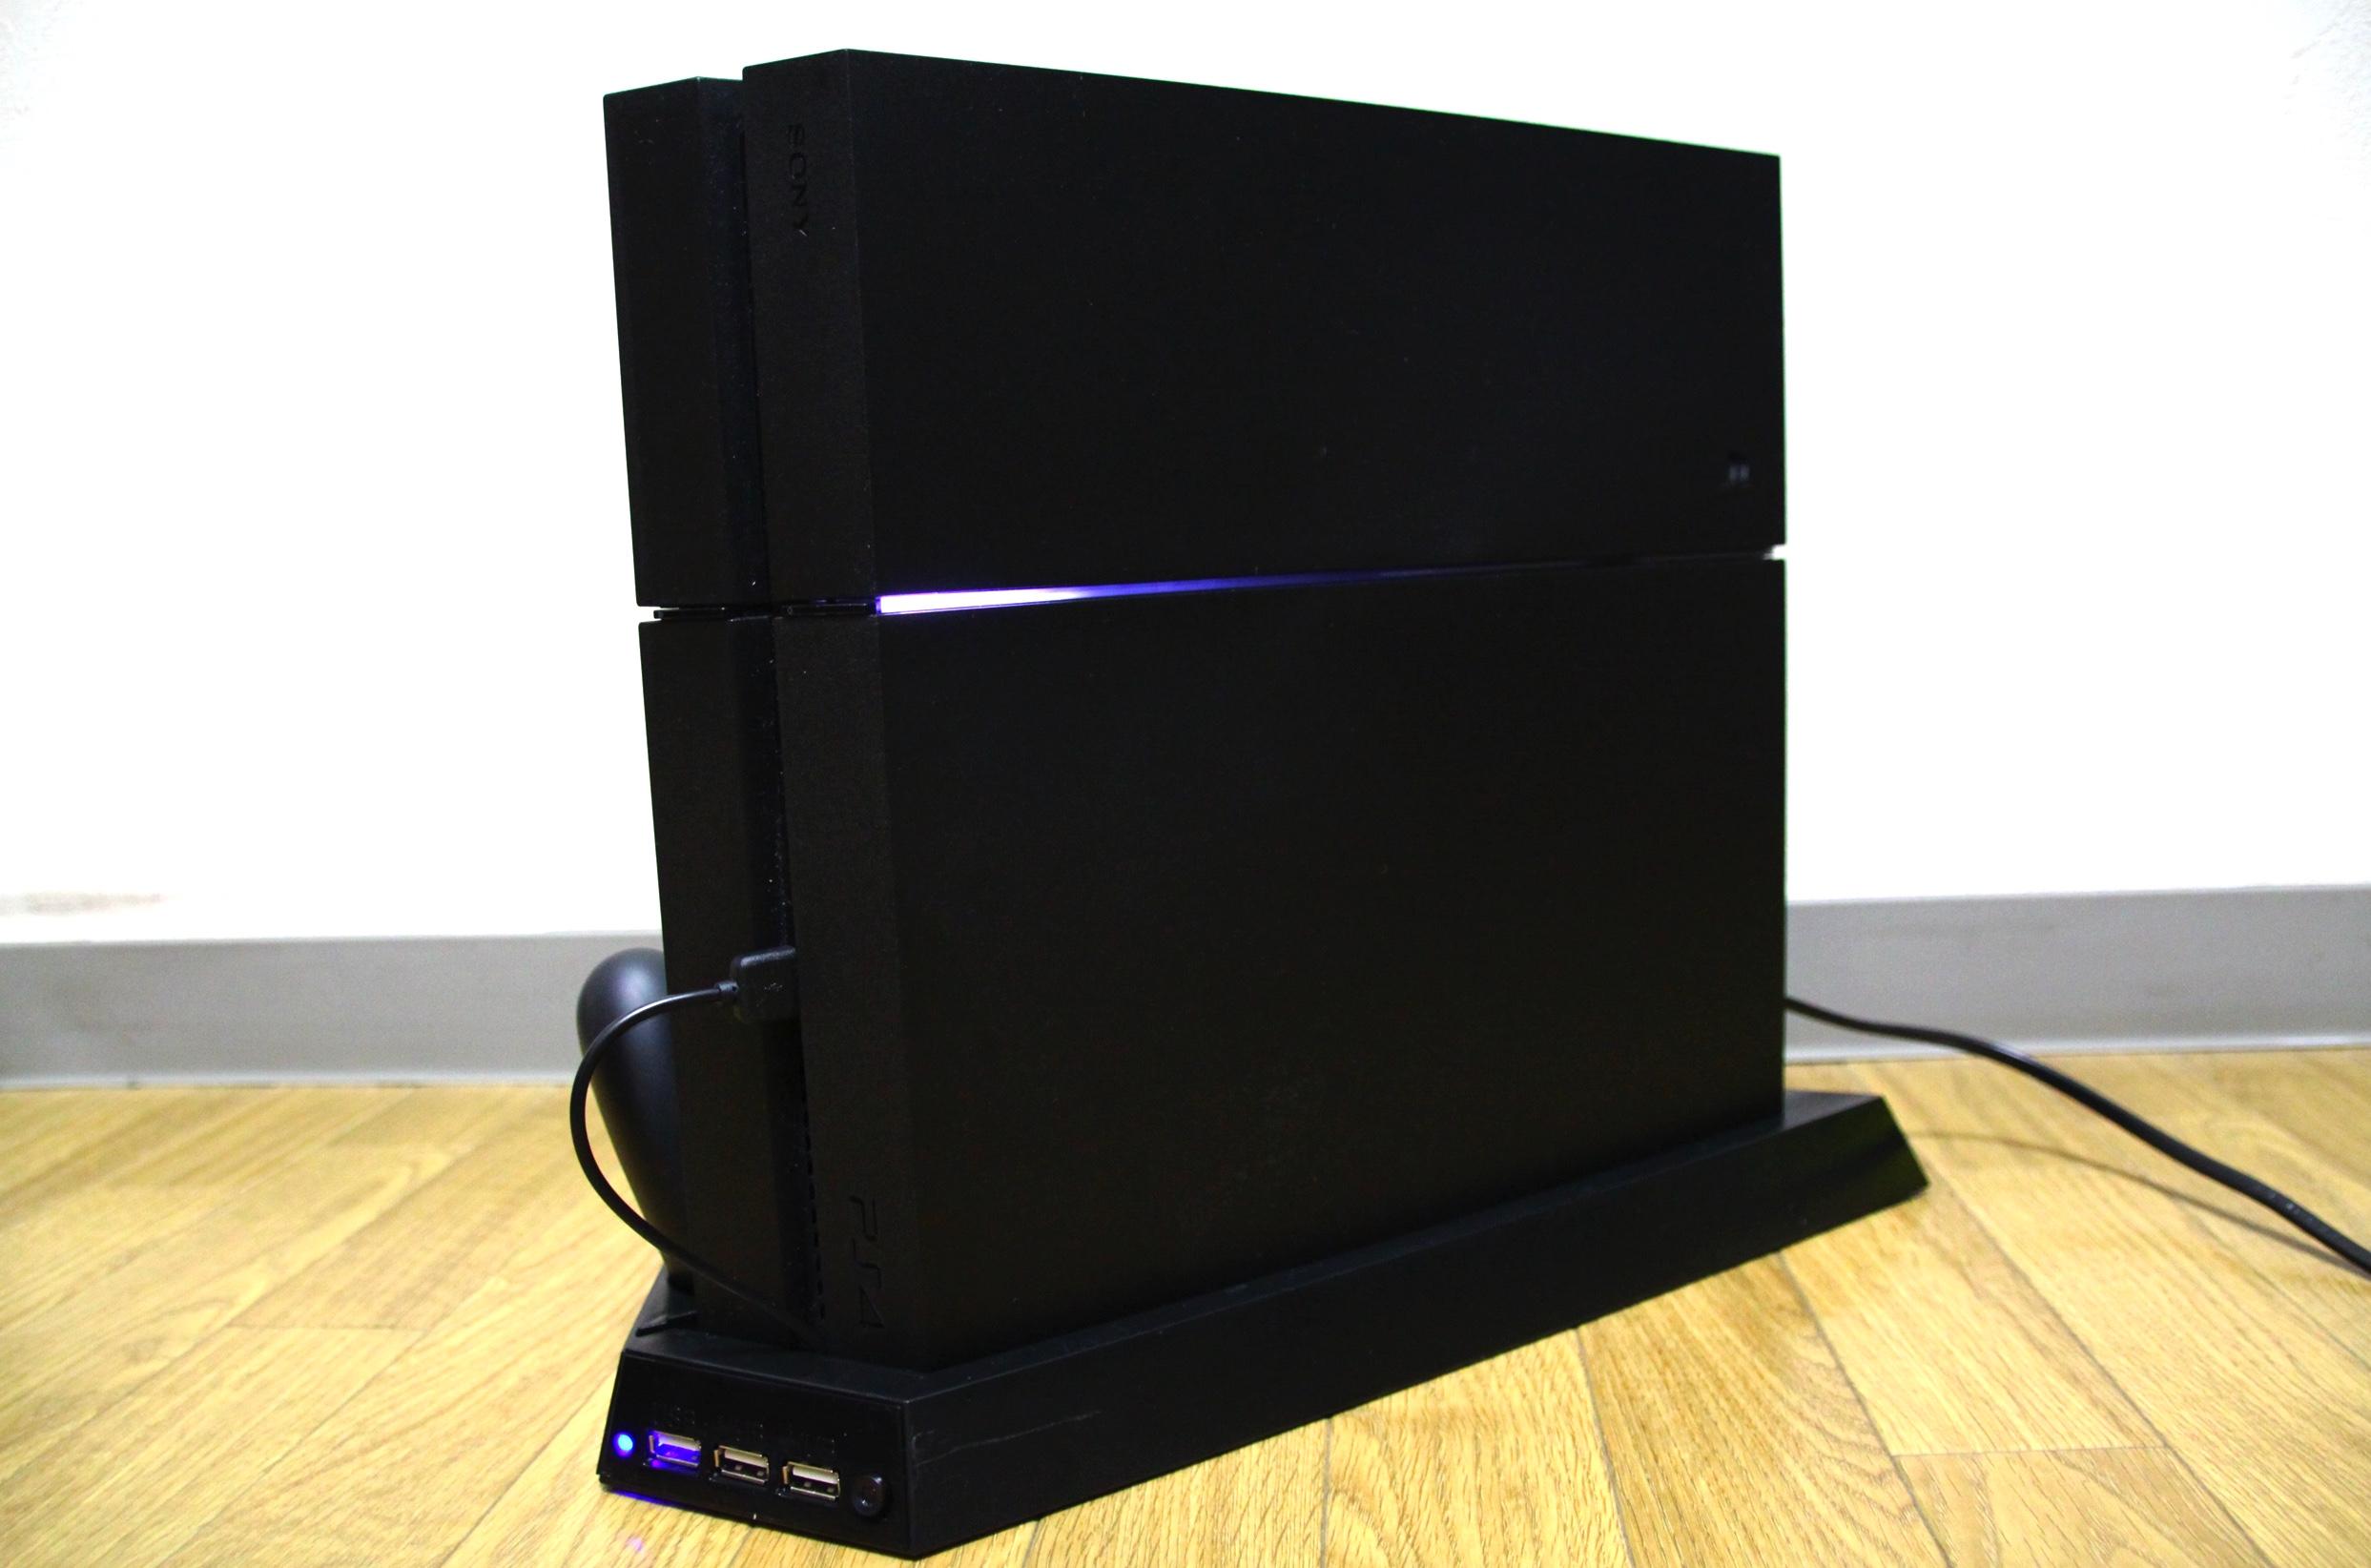 コントローラー2台同時充電、USBポート3口、冷却ファン搭載。PS4の多機能縦置きスタンドが便利過ぎてヤバい